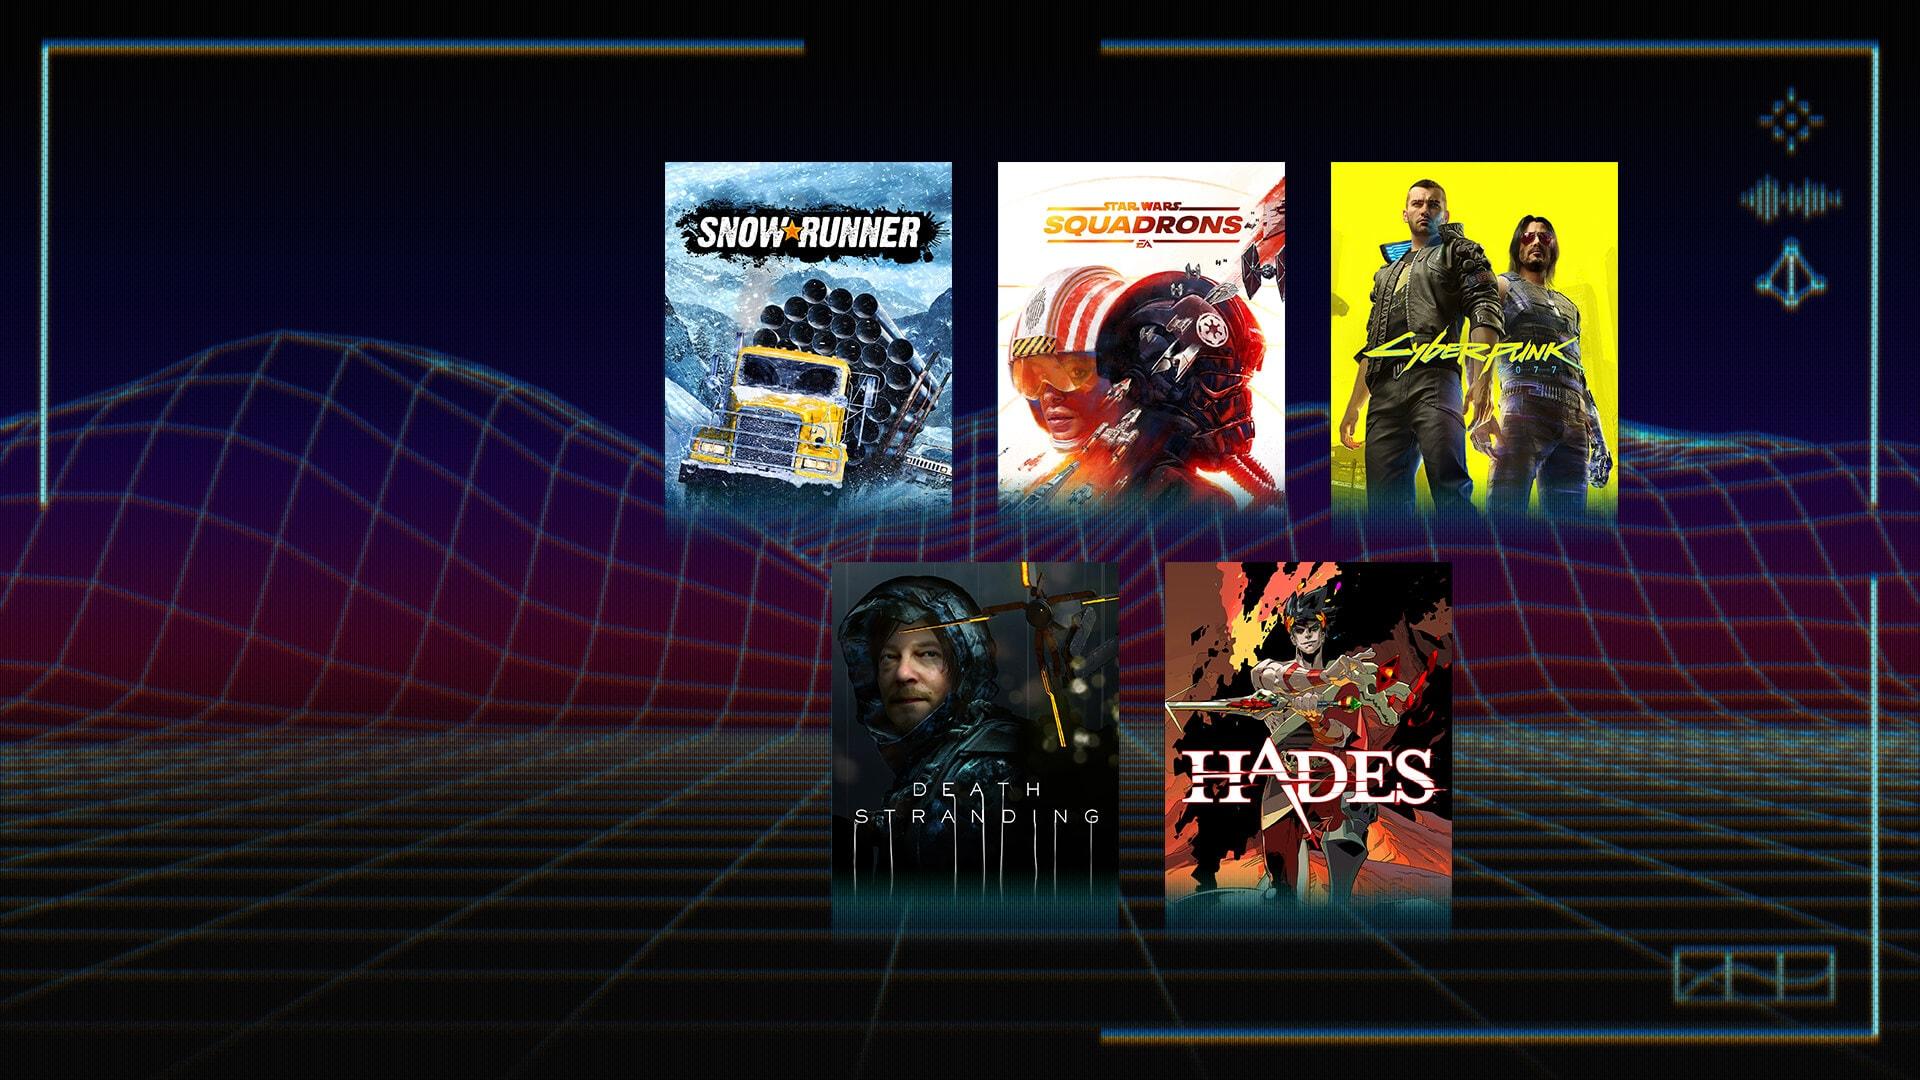 全新游戏现已上线!购买精彩大作和附加内容,最高可享受 75% 的折扣!优惠截至 2 月 26 日。